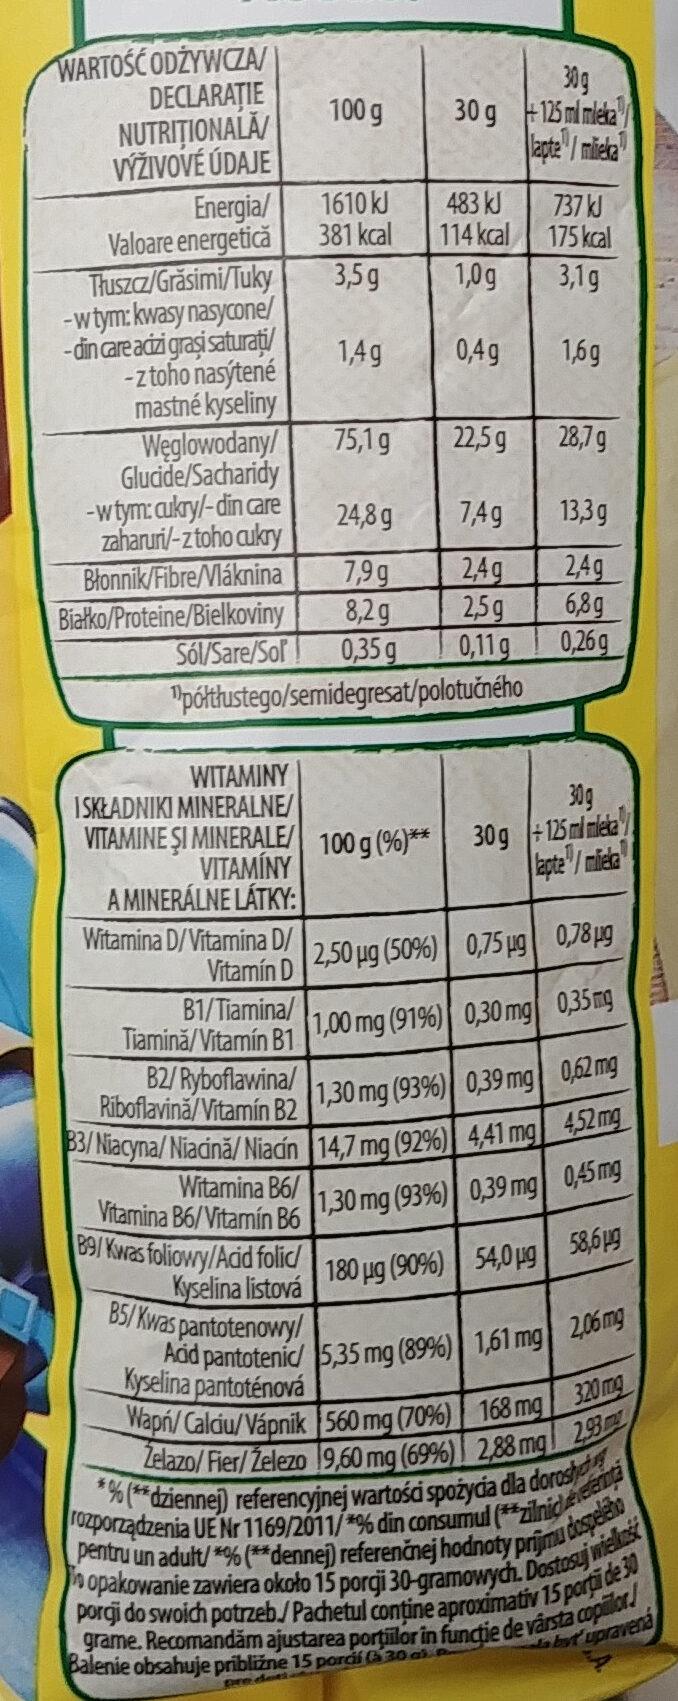 Nesquik duo - Wartości odżywcze